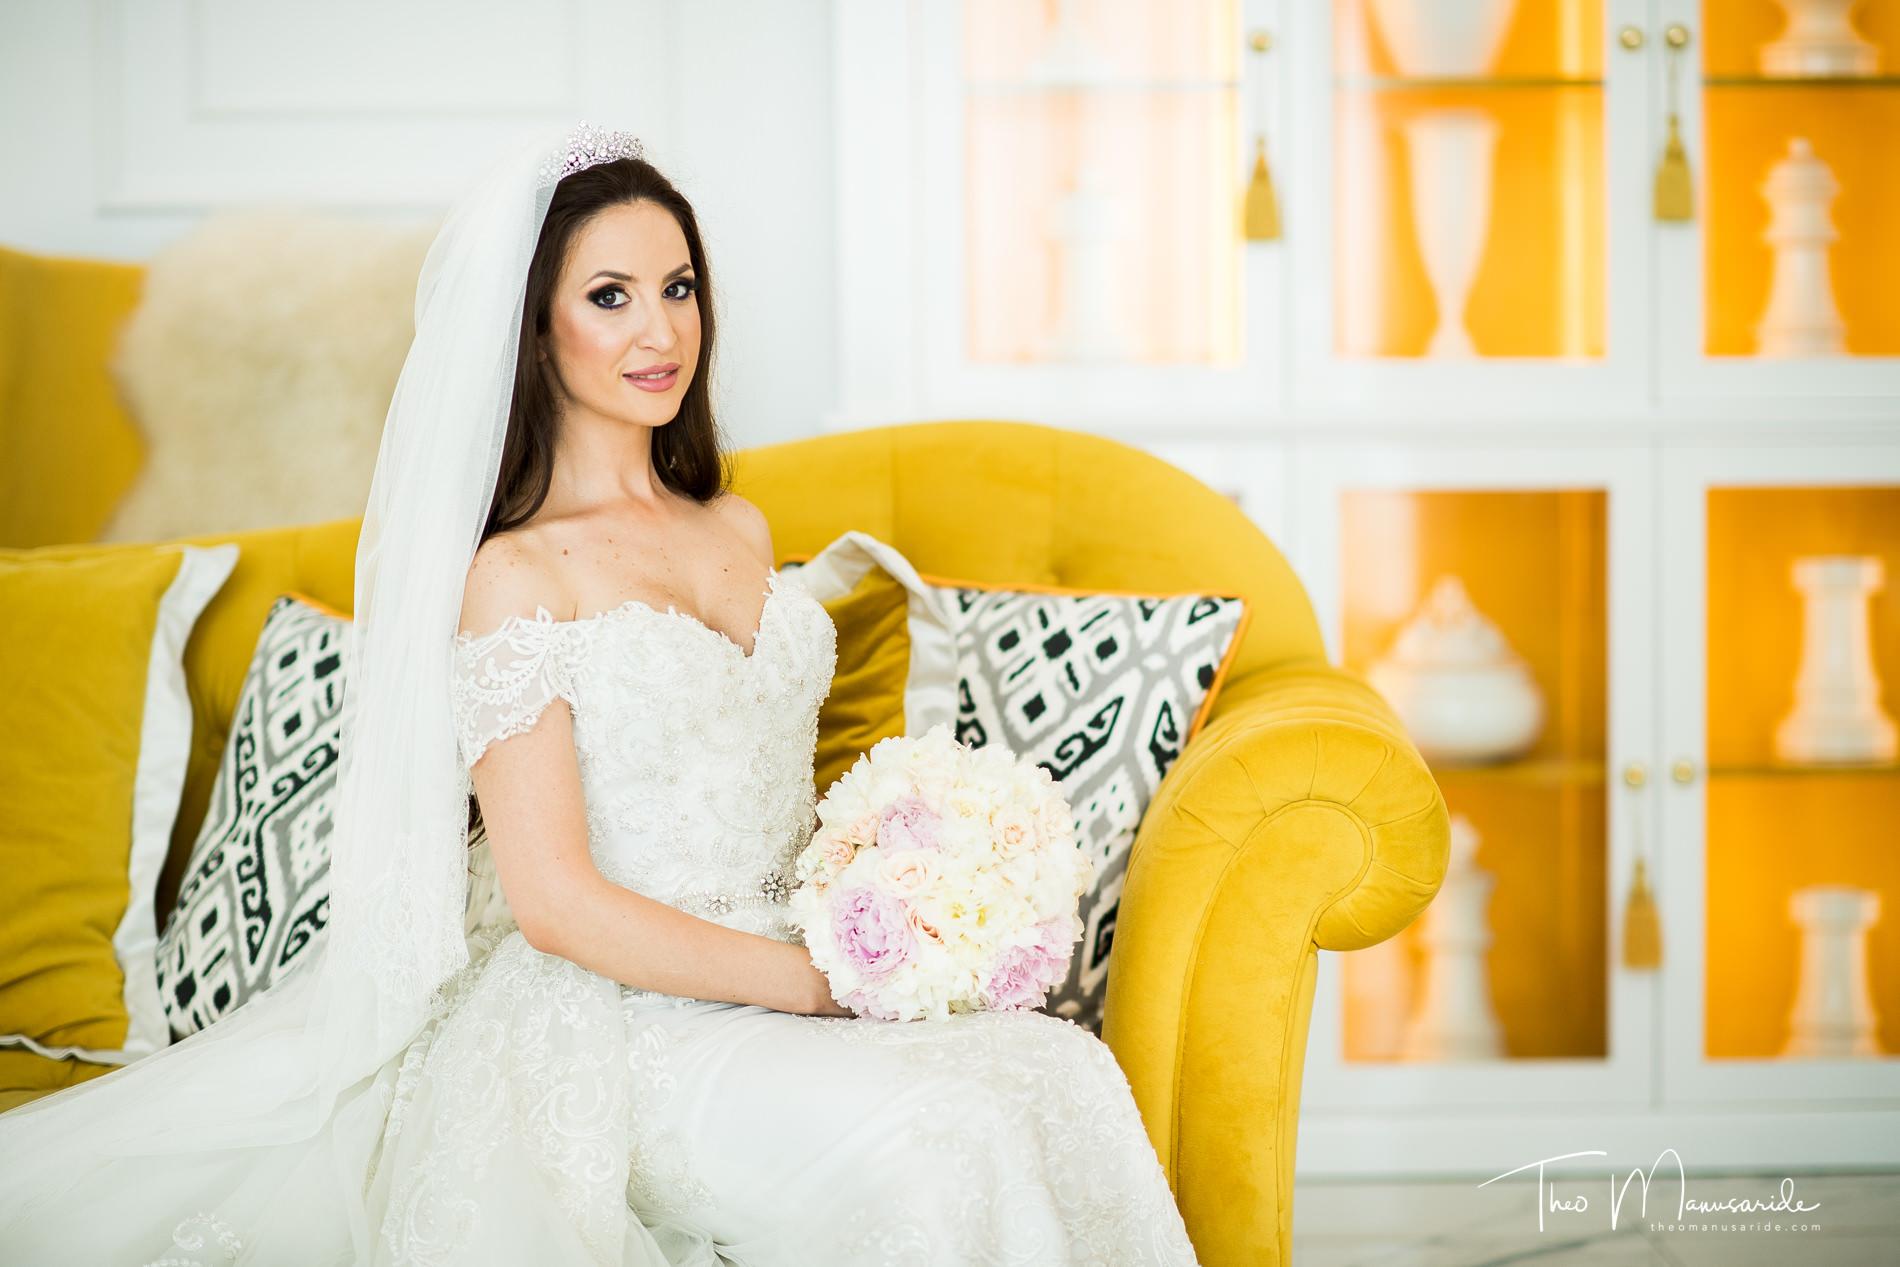 fotograf nunta bucuresti-35